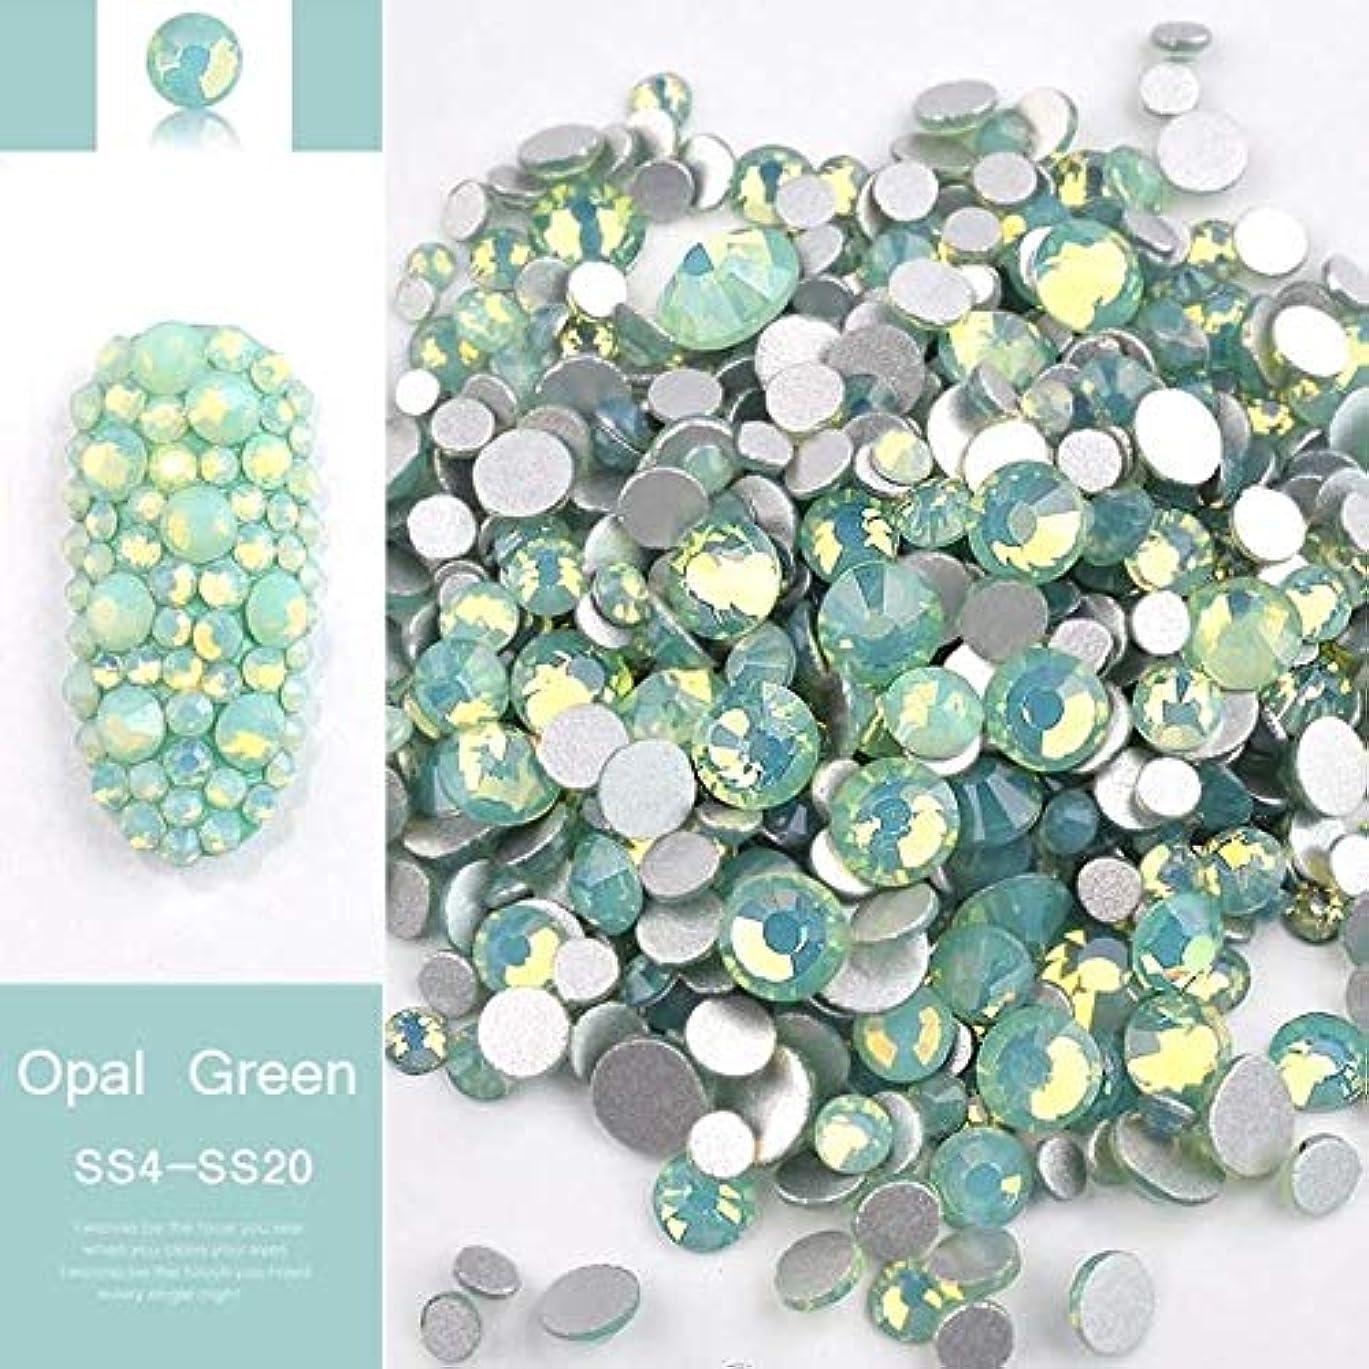 量で意志散文Yan 1パックミックスサイズ(SS4-SS20)クリスタルカラフルなオパールネイルアートラインストーンの装飾キラキラの宝石3Dマニキュアアクセサリーツール(ホワイト) (色 : Green)